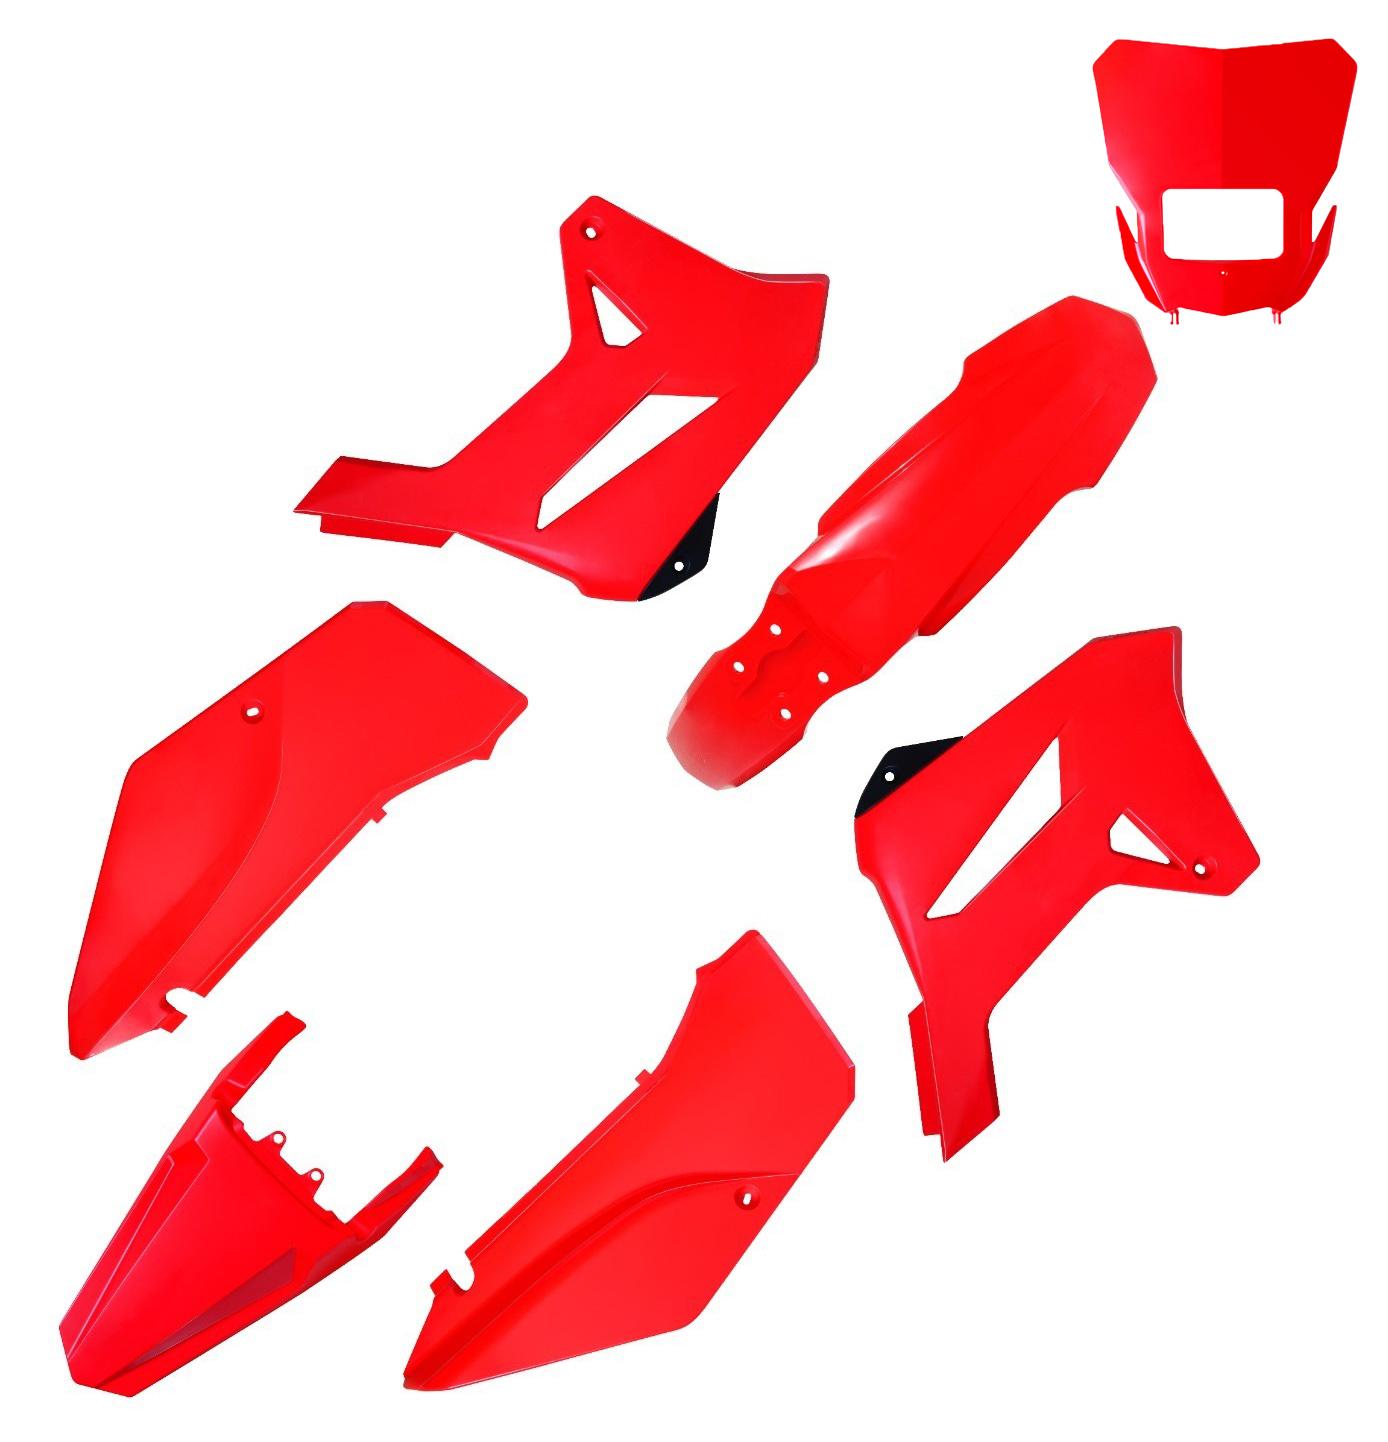 Kit Plástico Carenagem Biker R1de C/ Carenagem Farol Xr 250 Tornado